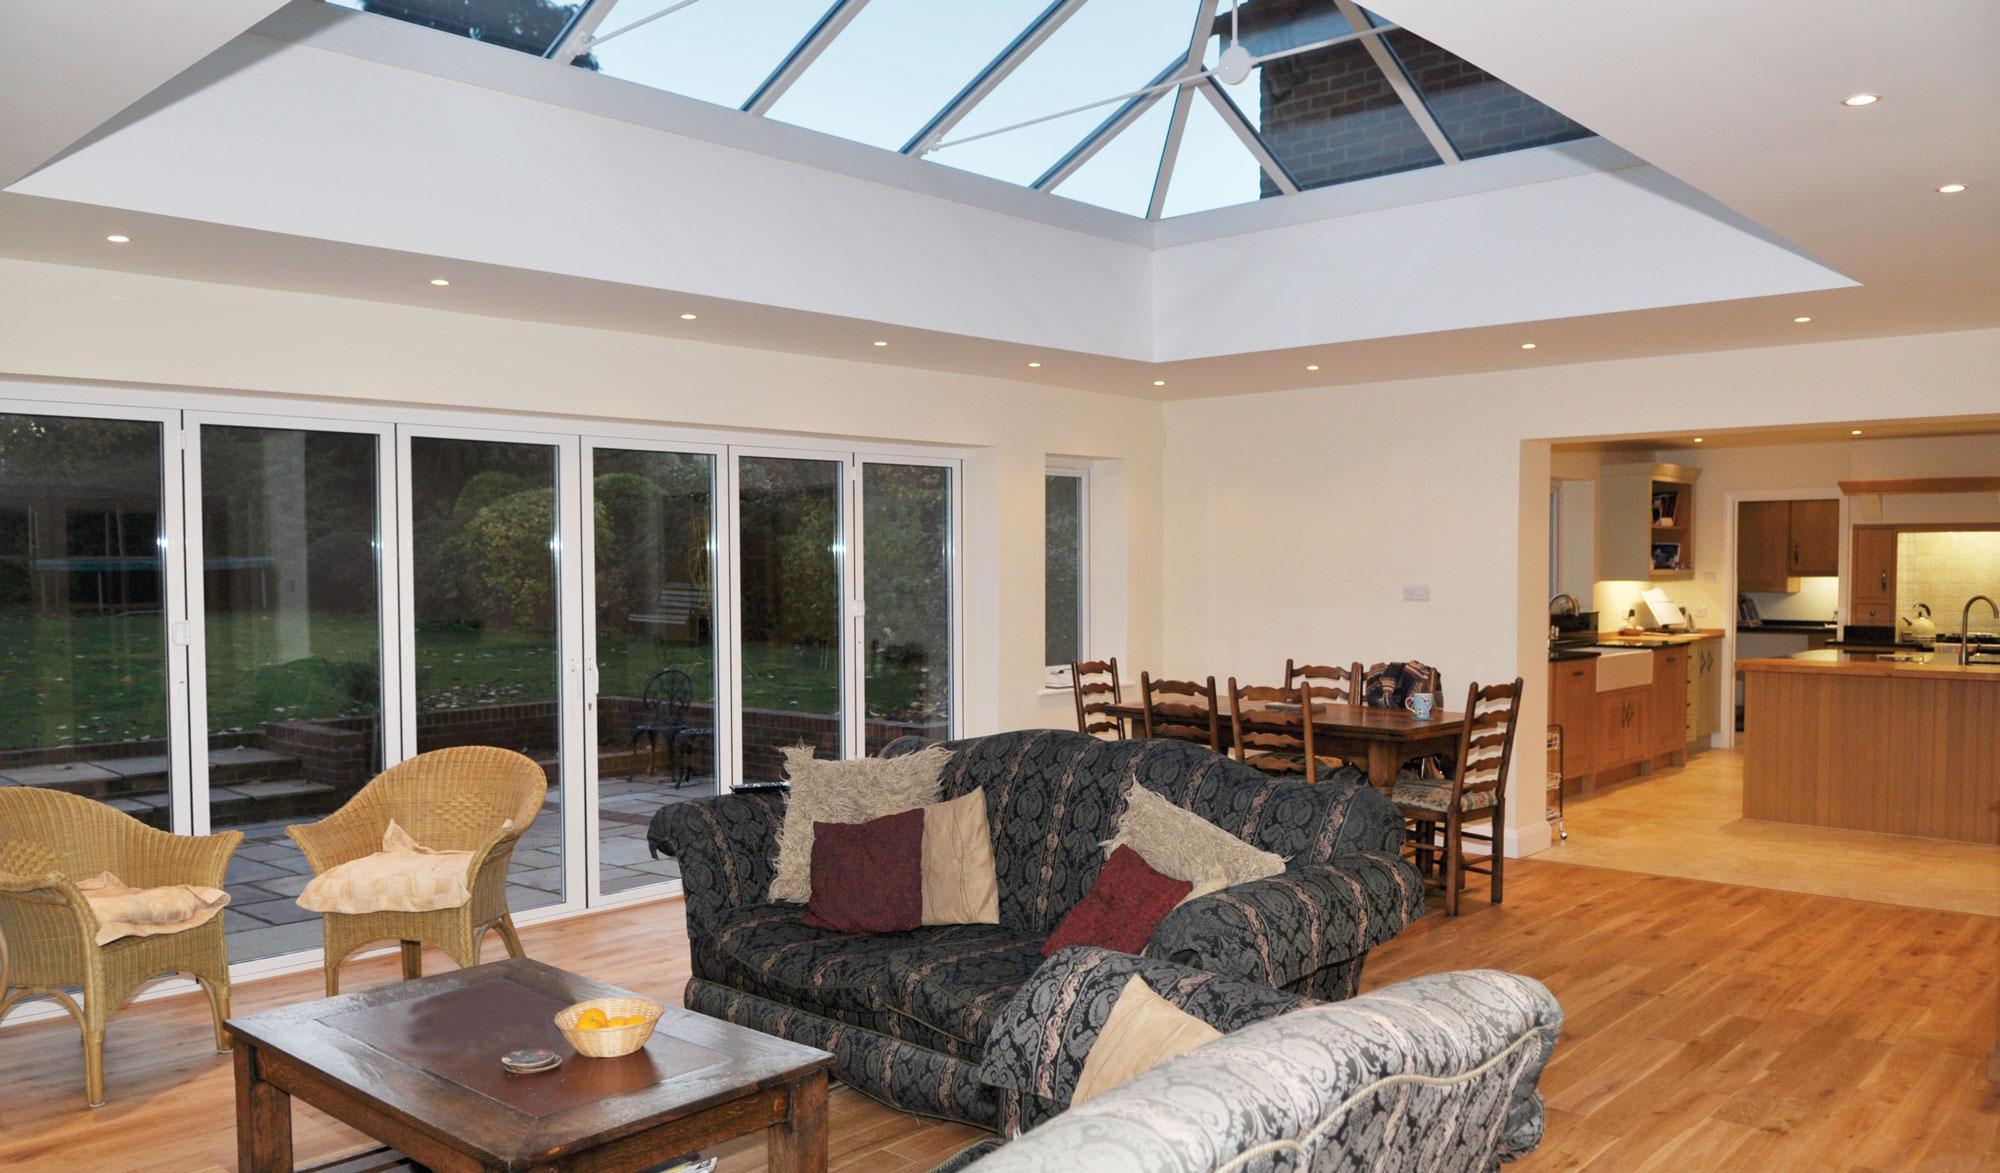 House Extensions Loft Conversions Perry Jones Ltd